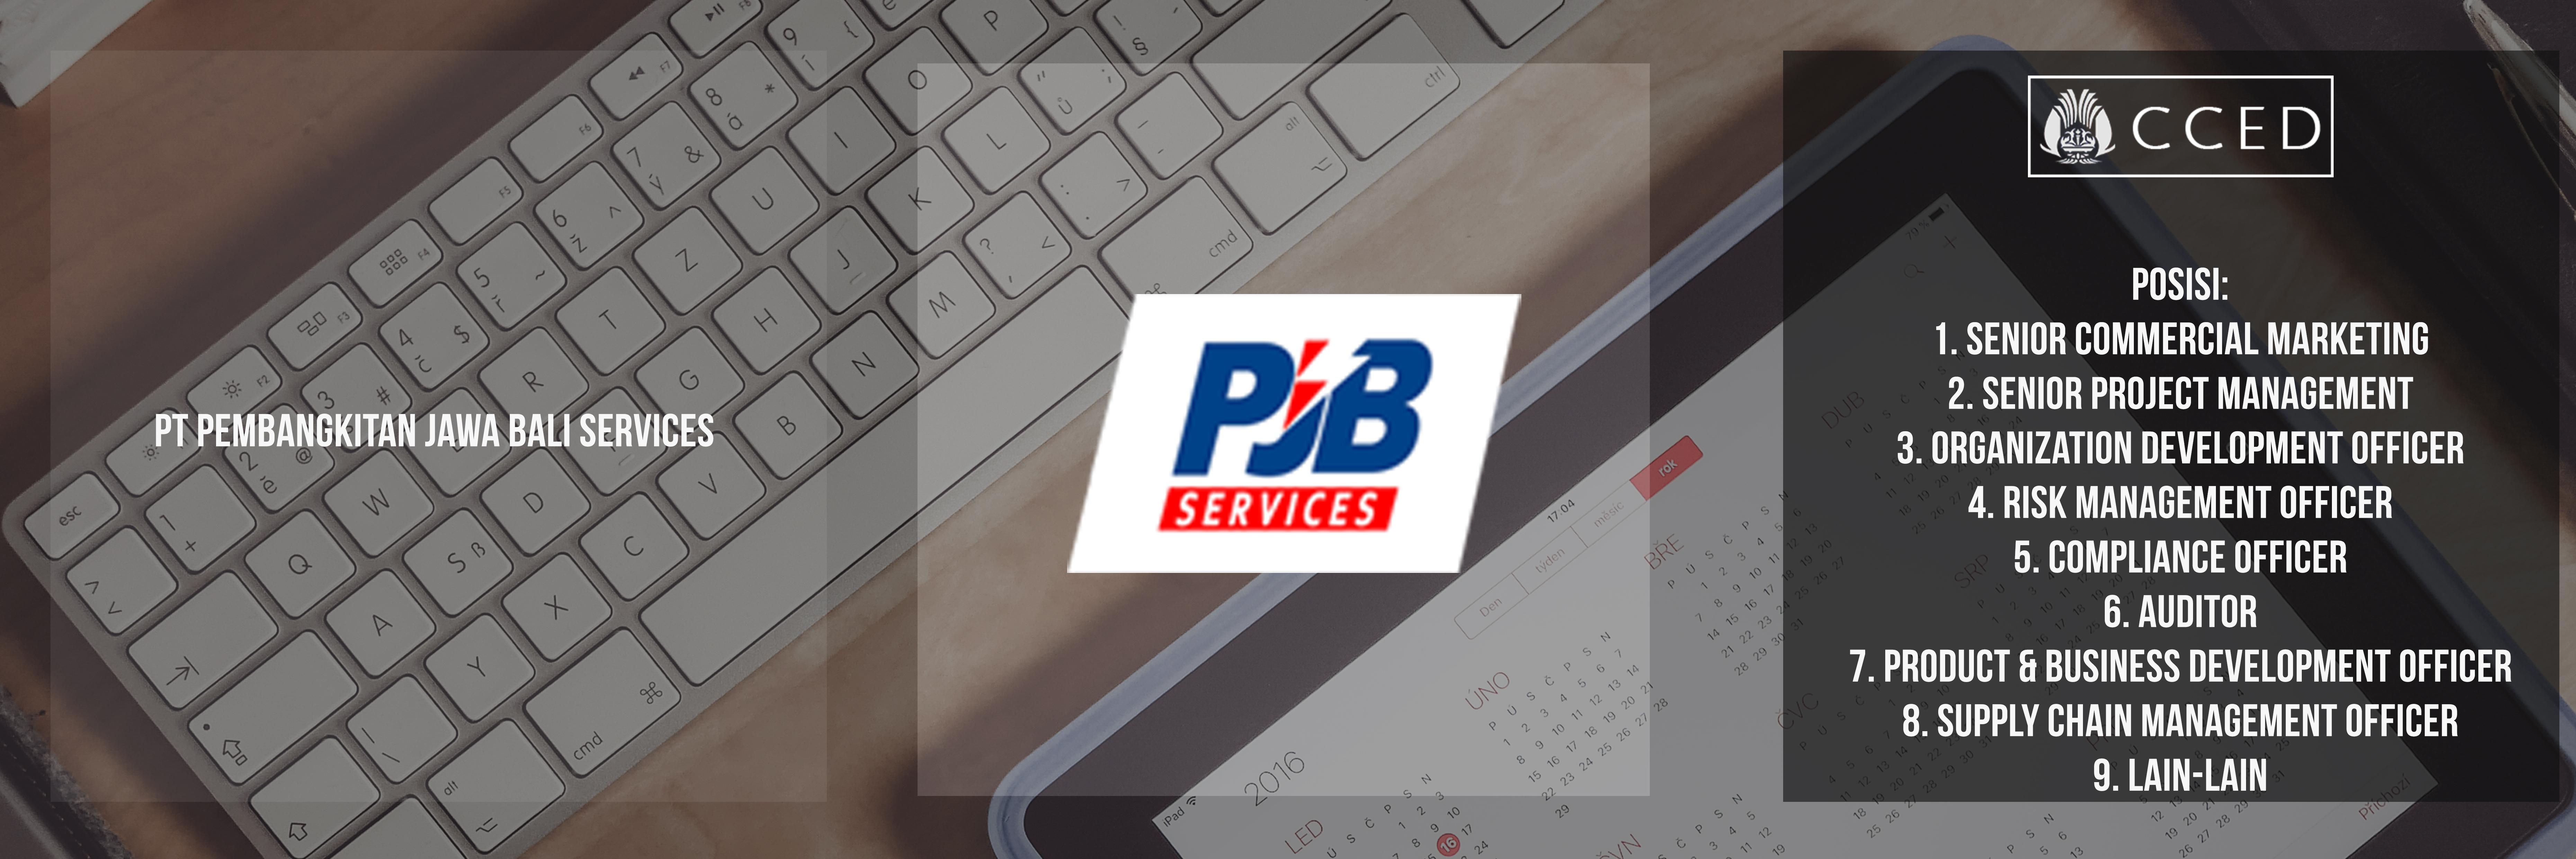 Depan - PT Pembangkitan Jawa Bali Services